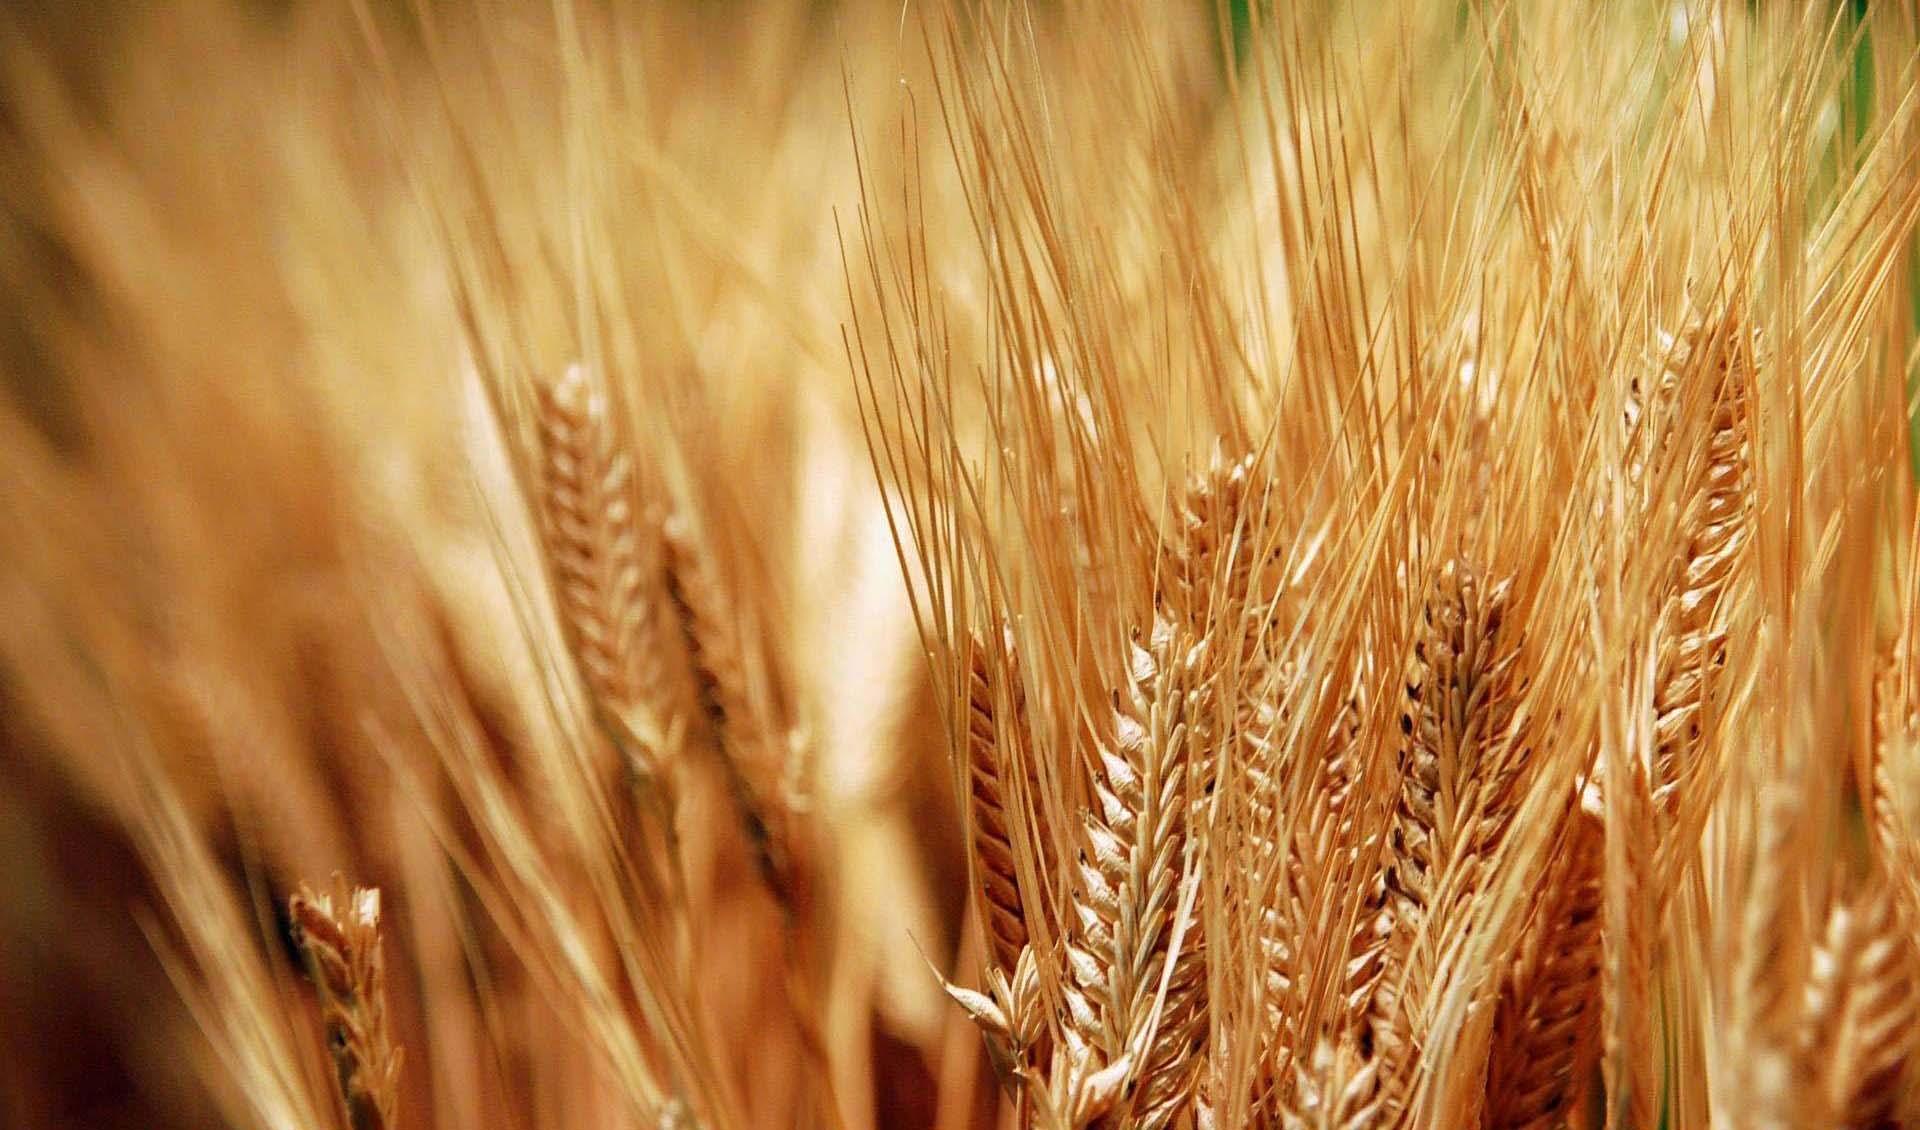 پیشبینی برداشت بیش از ۱۳ میلیون تن گندم در سال زراعی جدید/ روند خودکفایی گندم ادامه دارد